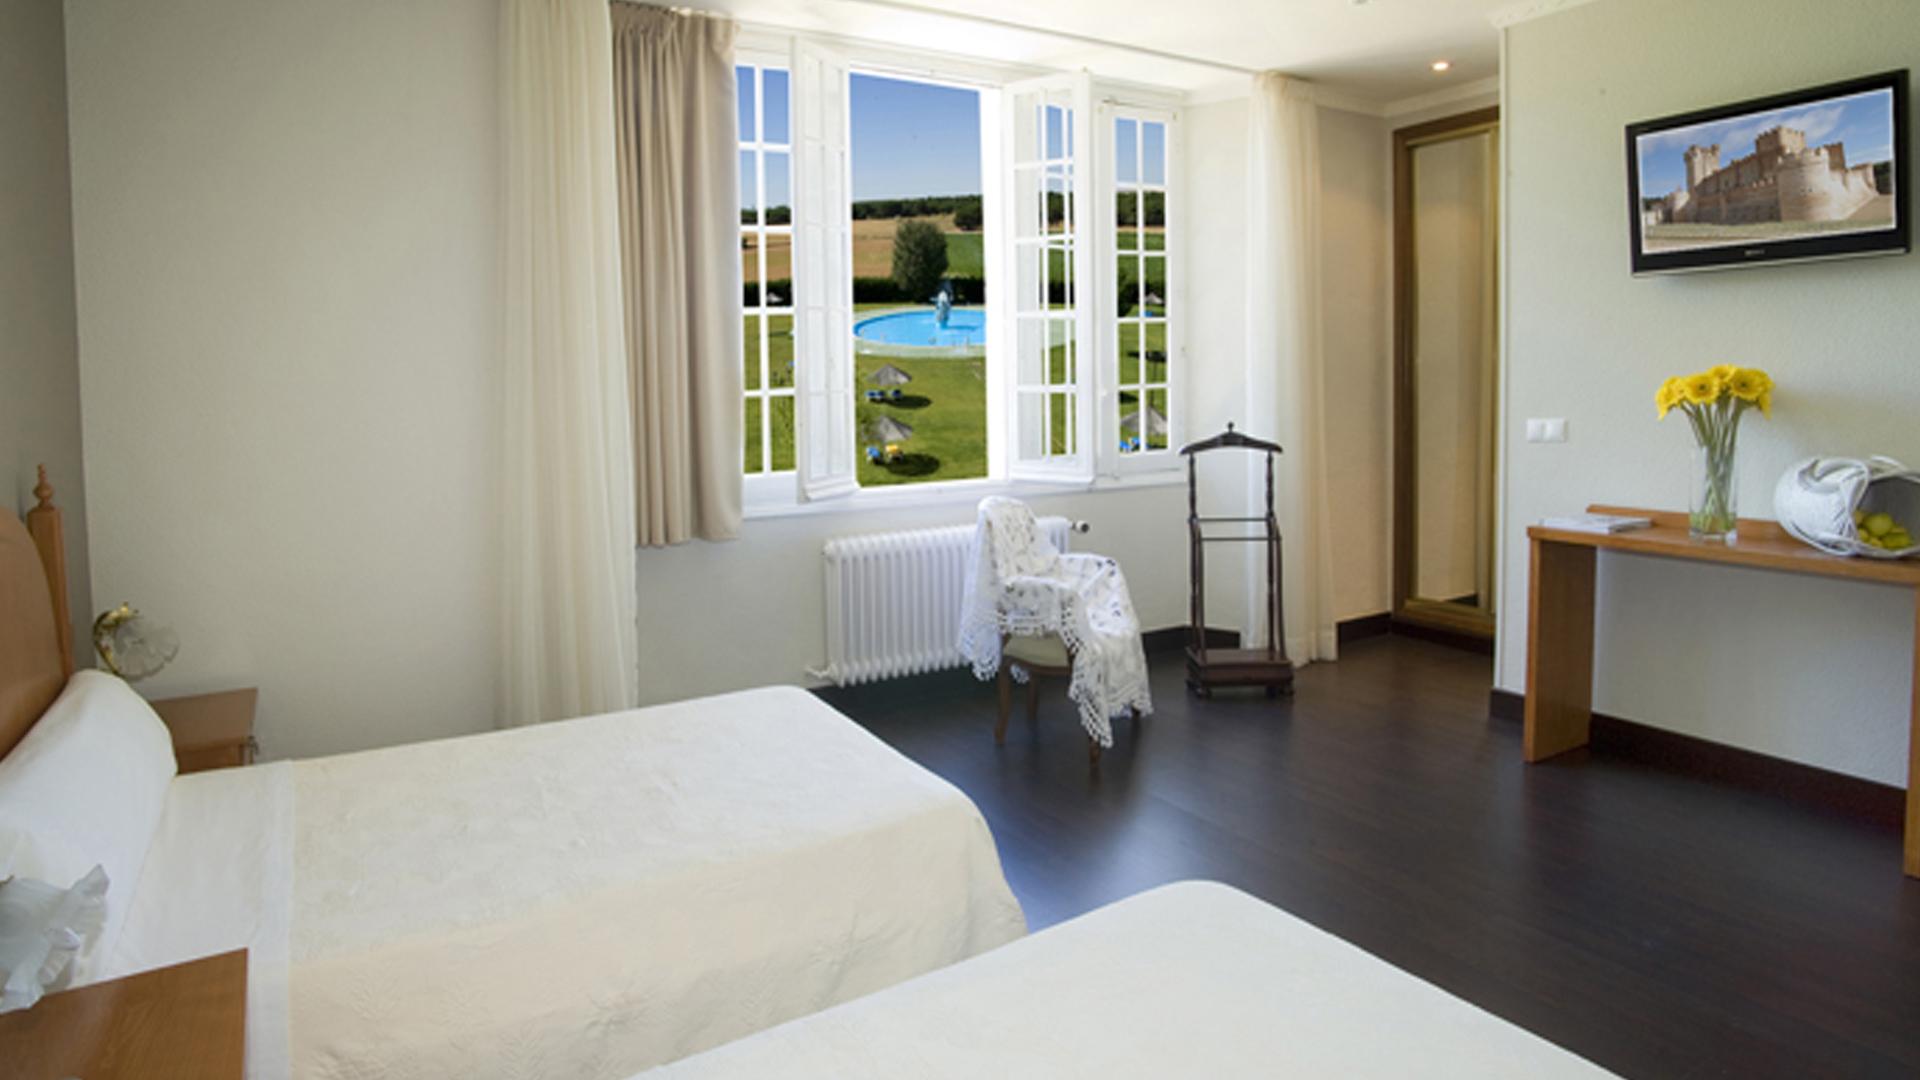 Hotel balneario palacio de las salinas habitaciones for Programa para amueblar habitaciones